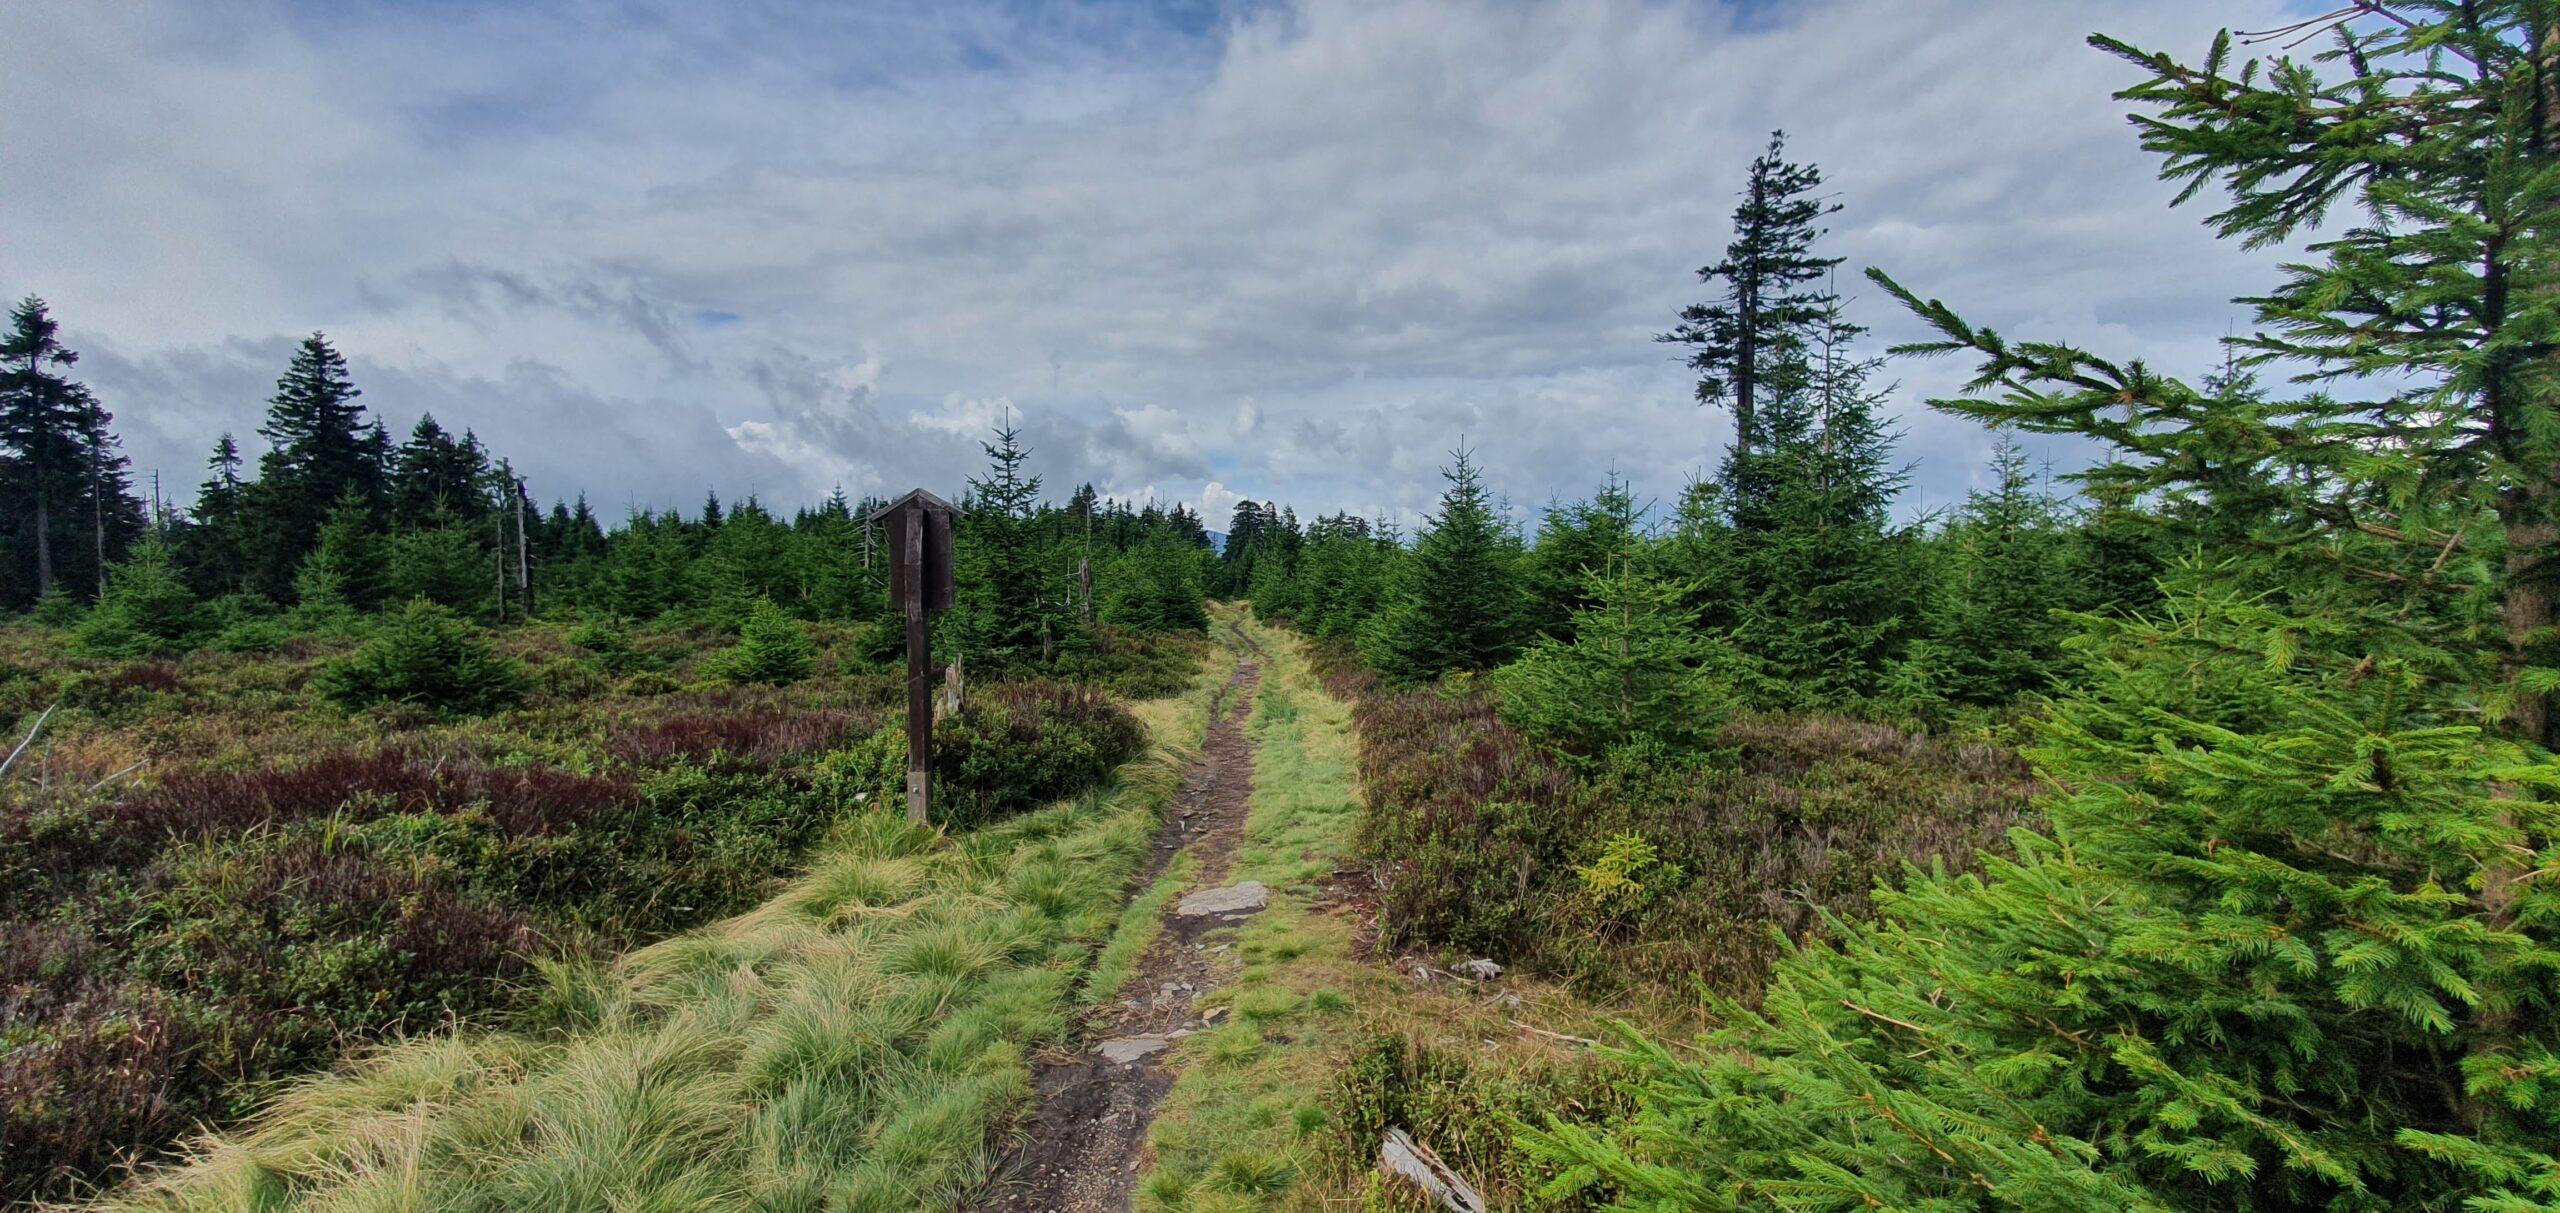 Smrk (1127 m.n.m., Rychlebské hory) - trail kousek od vrcholu